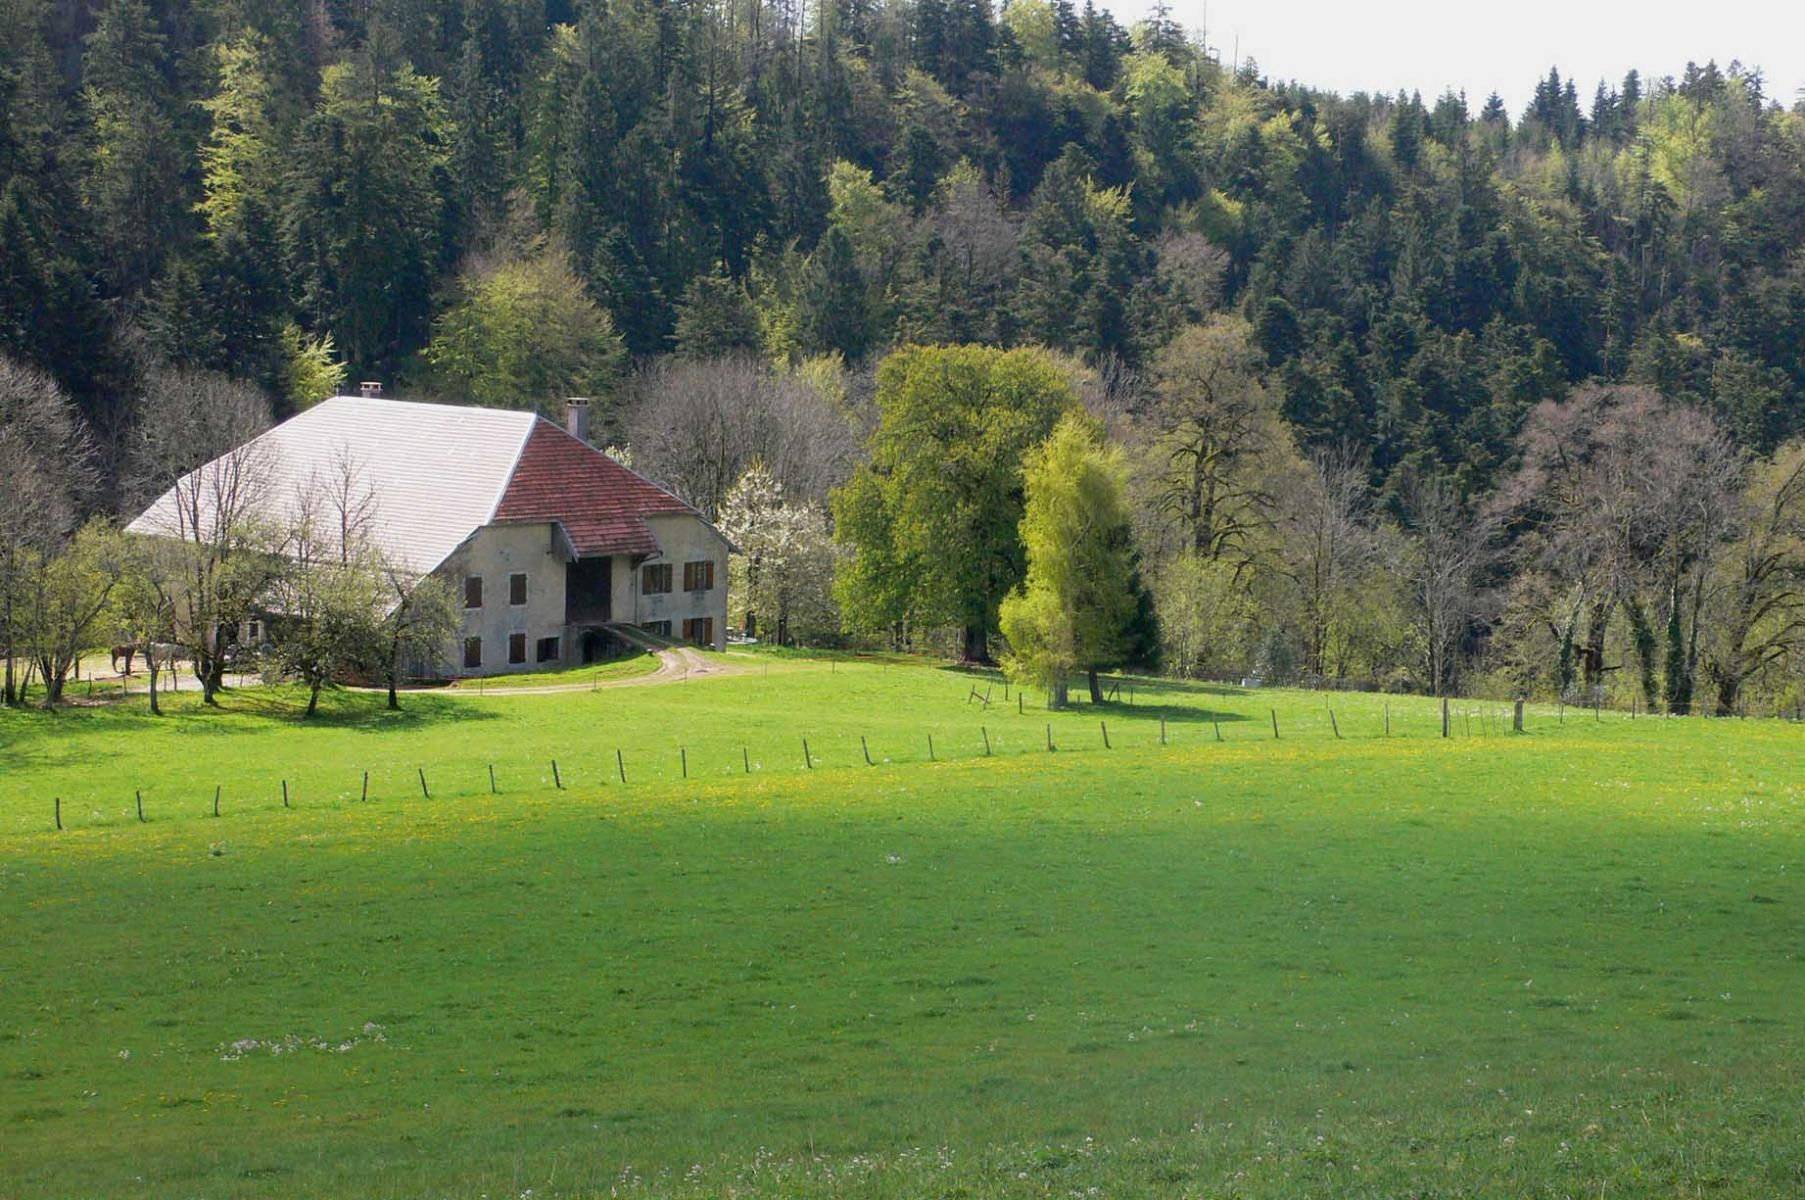 Franche Comte Tourisme Rural Gites Ruraux En Franche Comte Jura Doubs Haute Saone Territoire De Belfort Franche Comte Territoire De Belfort Tourisme